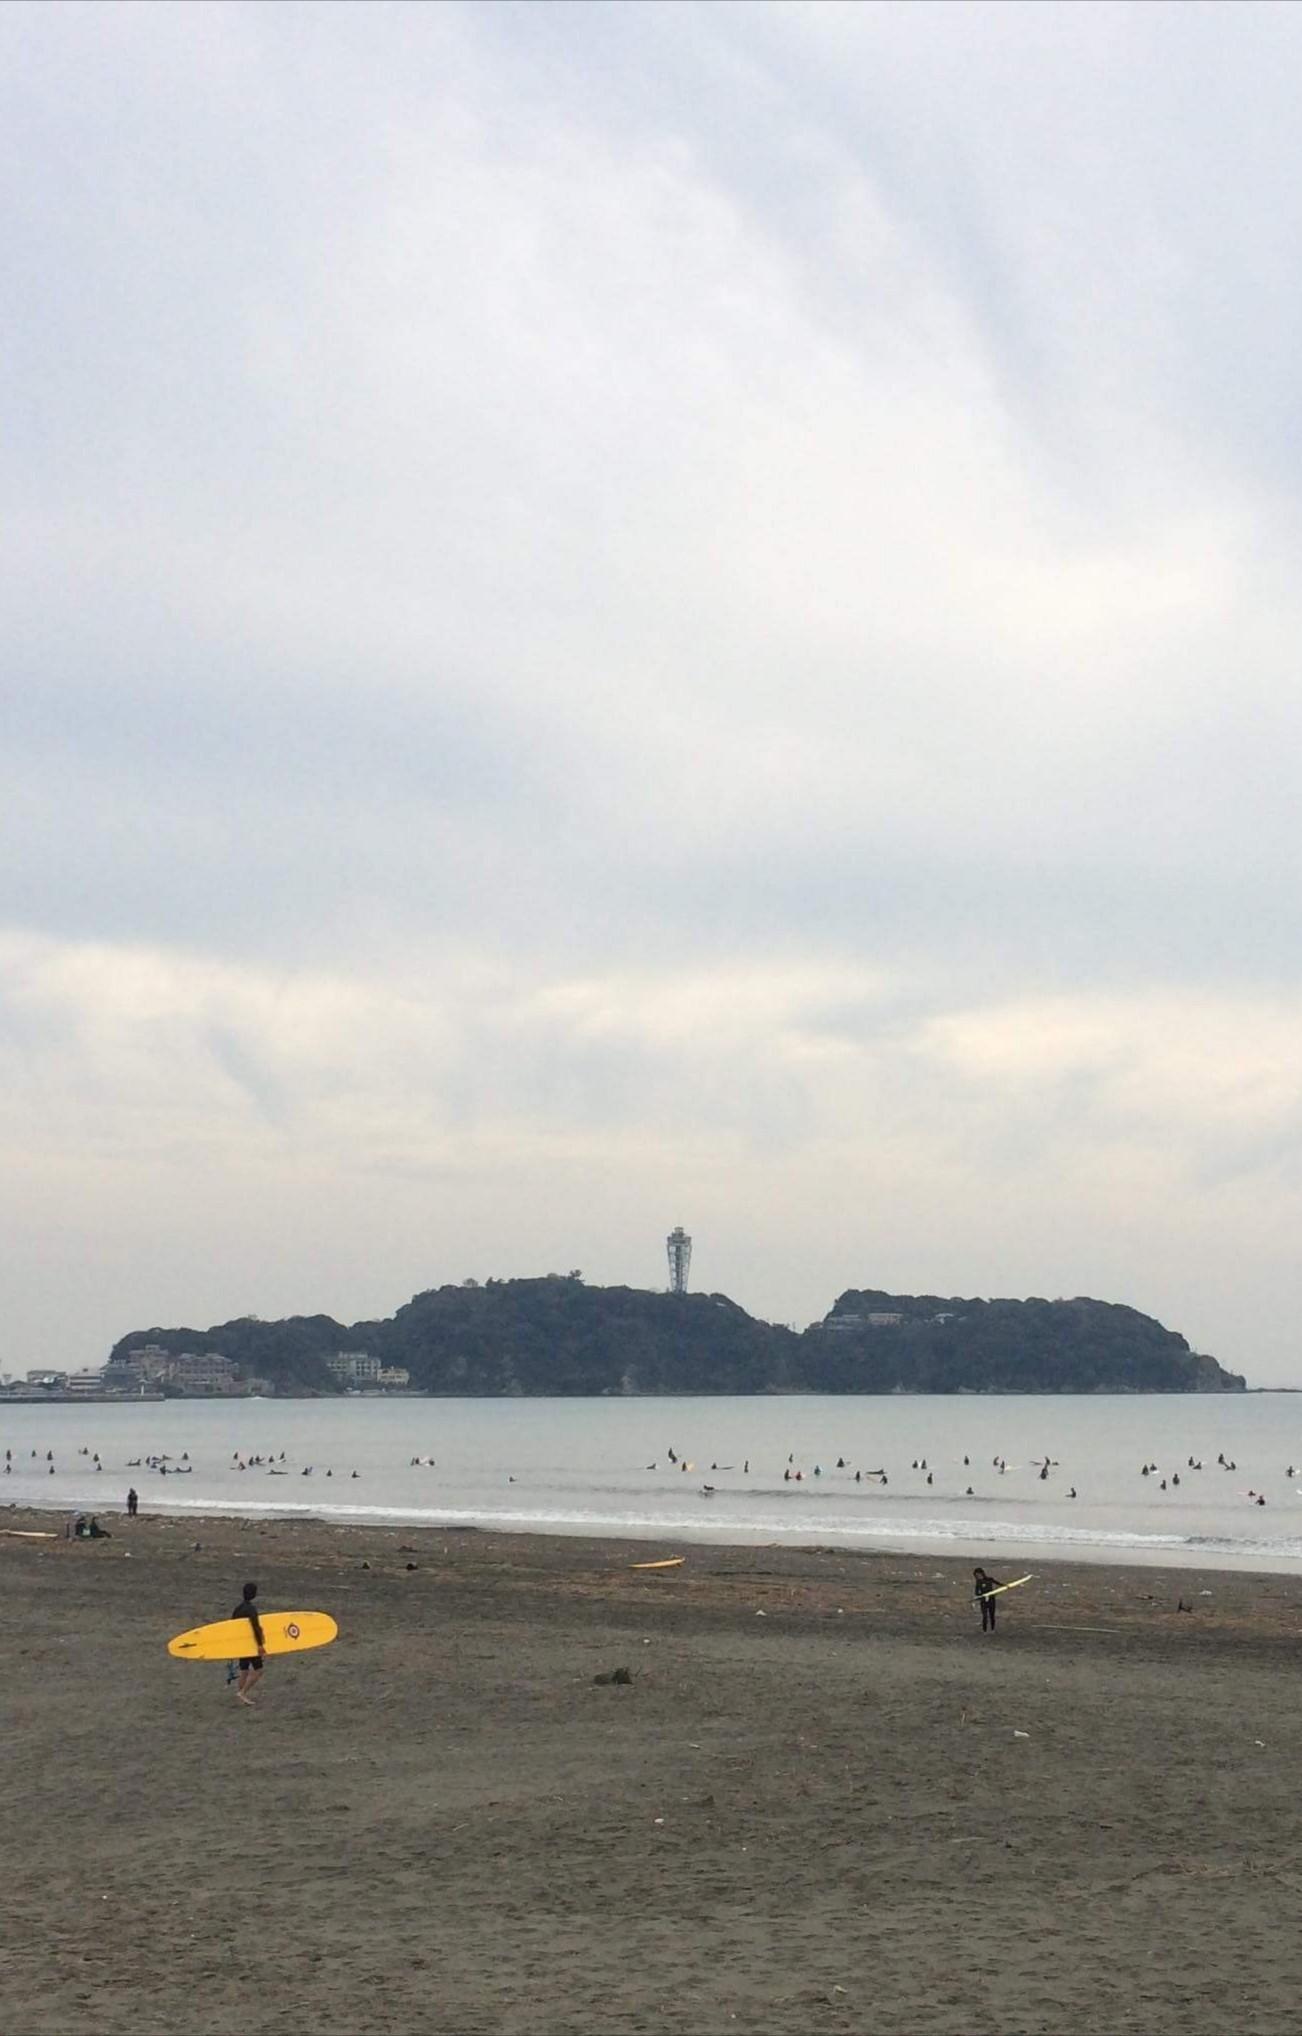 タイミング☆ ヒーリング散歩 @ 鵠沼海岸_a0349374_18433457.jpg